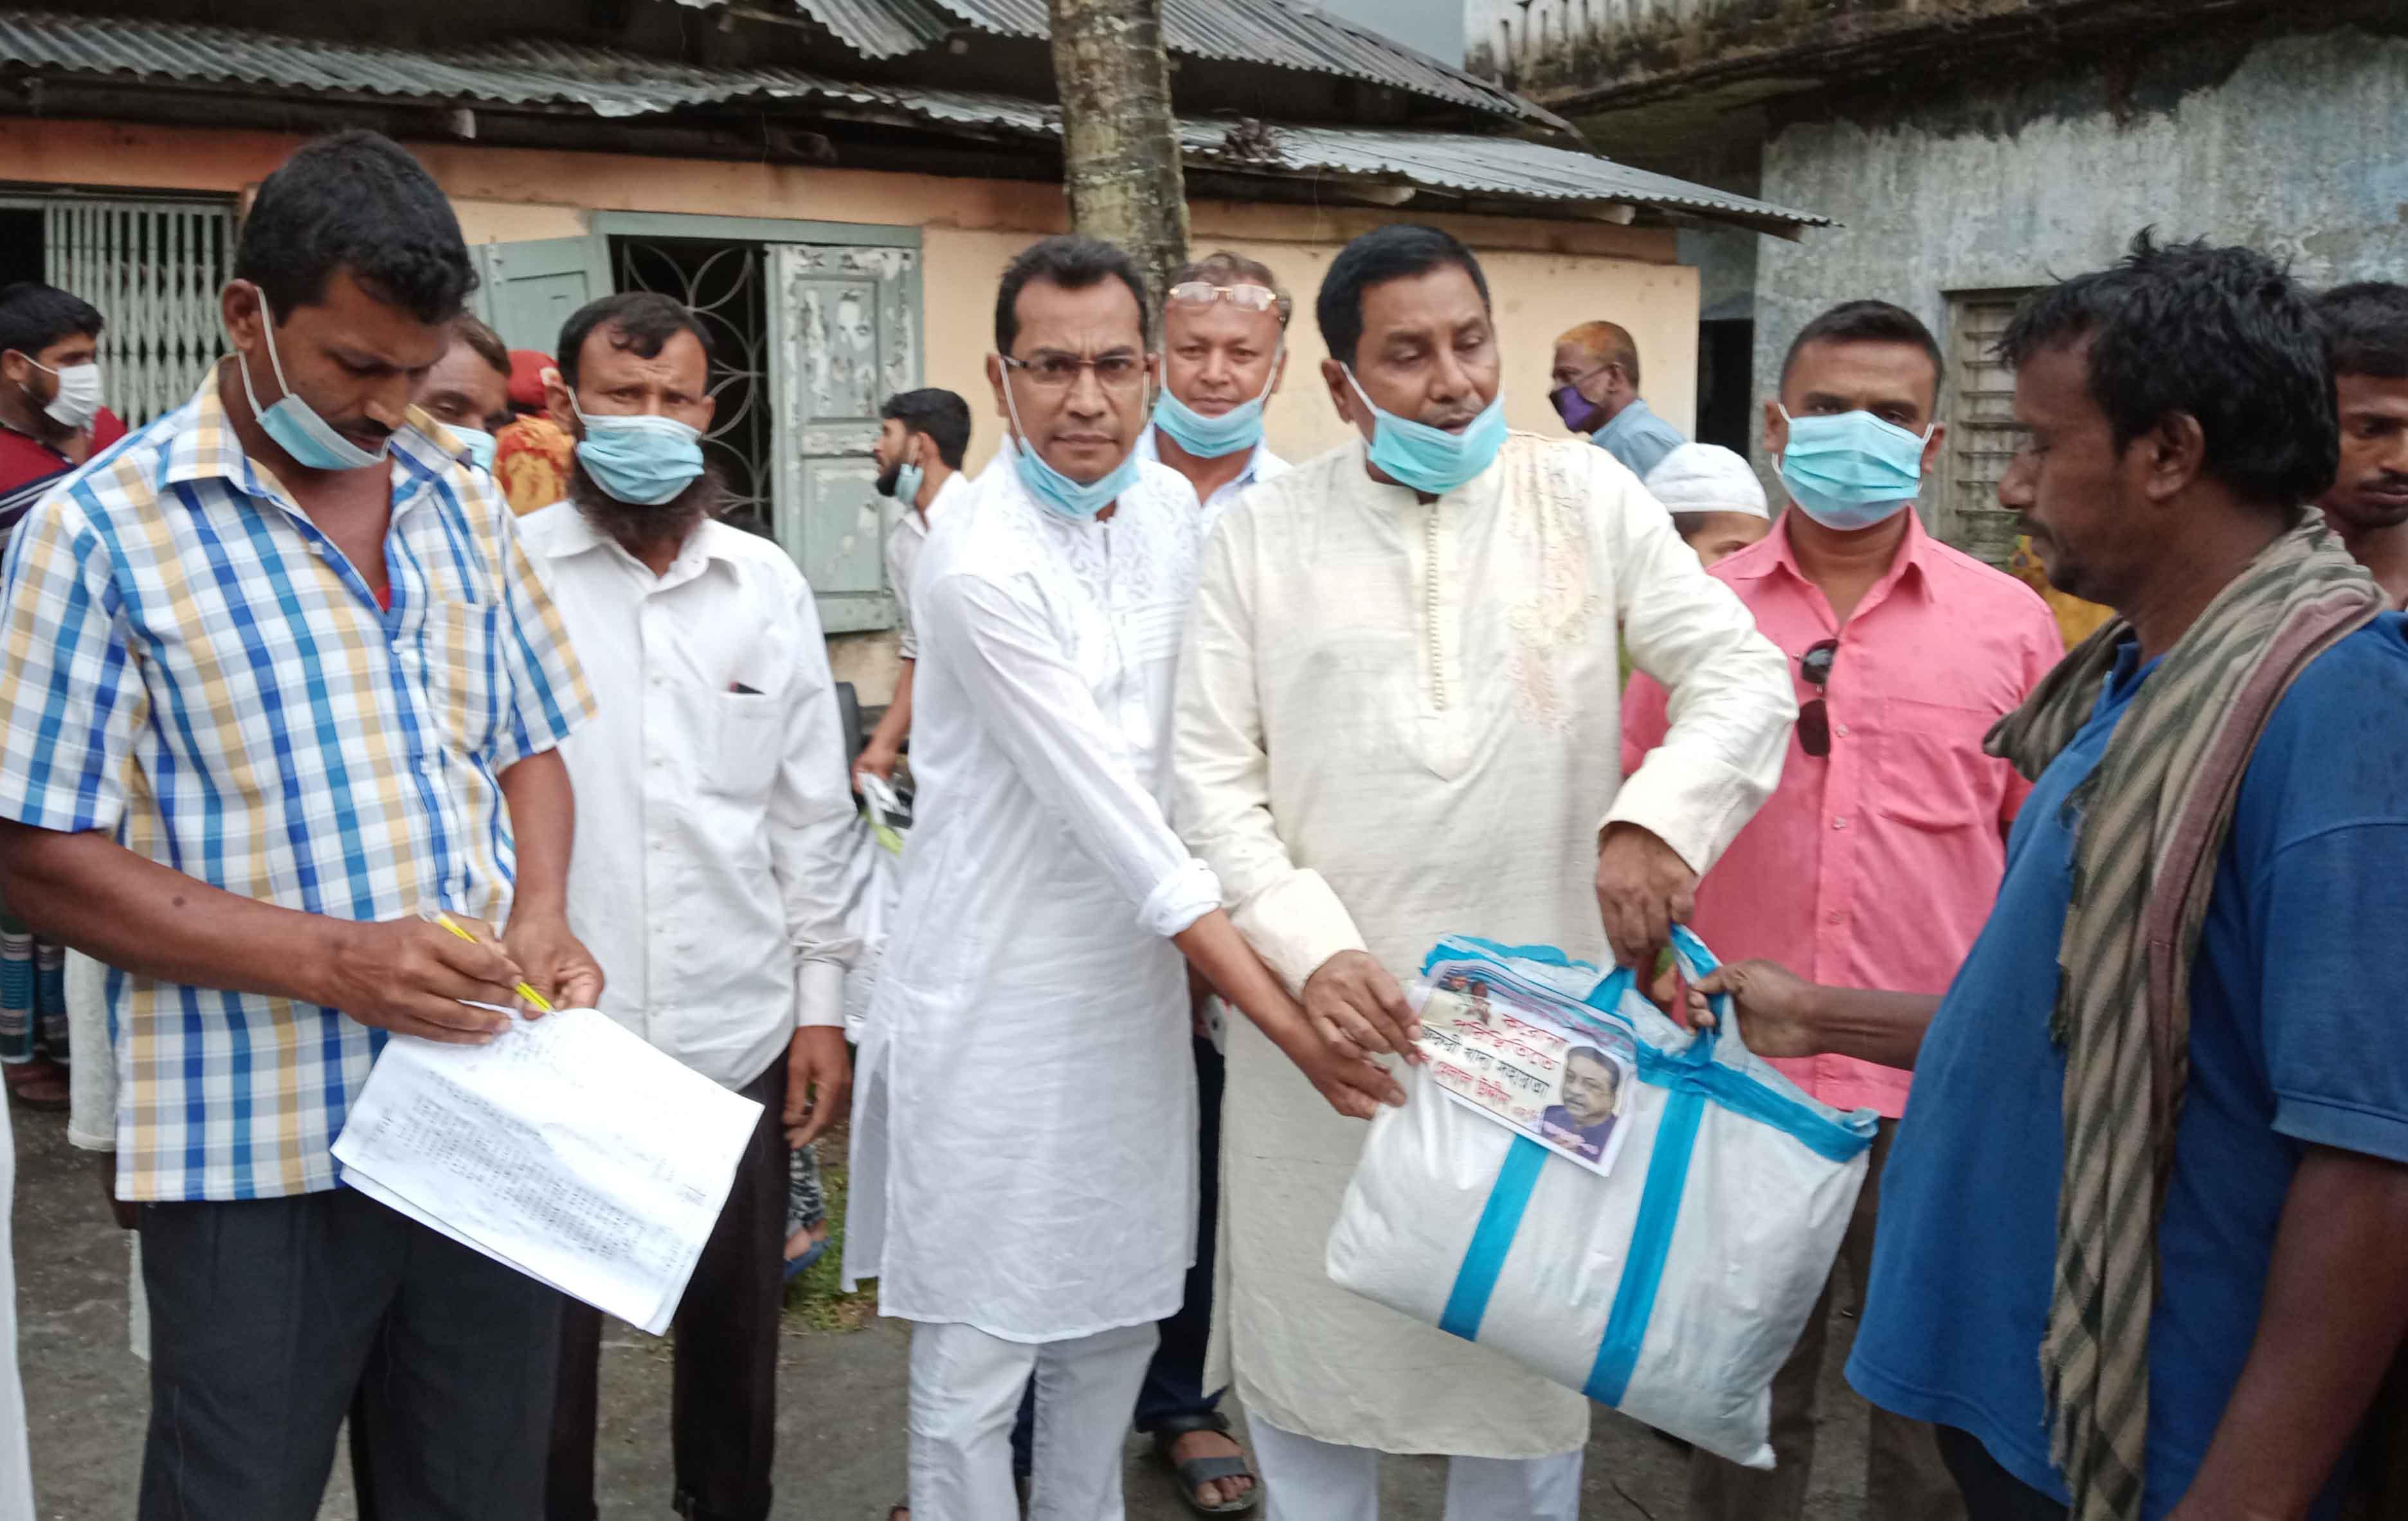 মোল্লাহাটে ভ্যান শ্রমিকদের মাঝে শেখ হেলাল উদ্দীন এমপির খাদ্য সহায়তা প্রদান